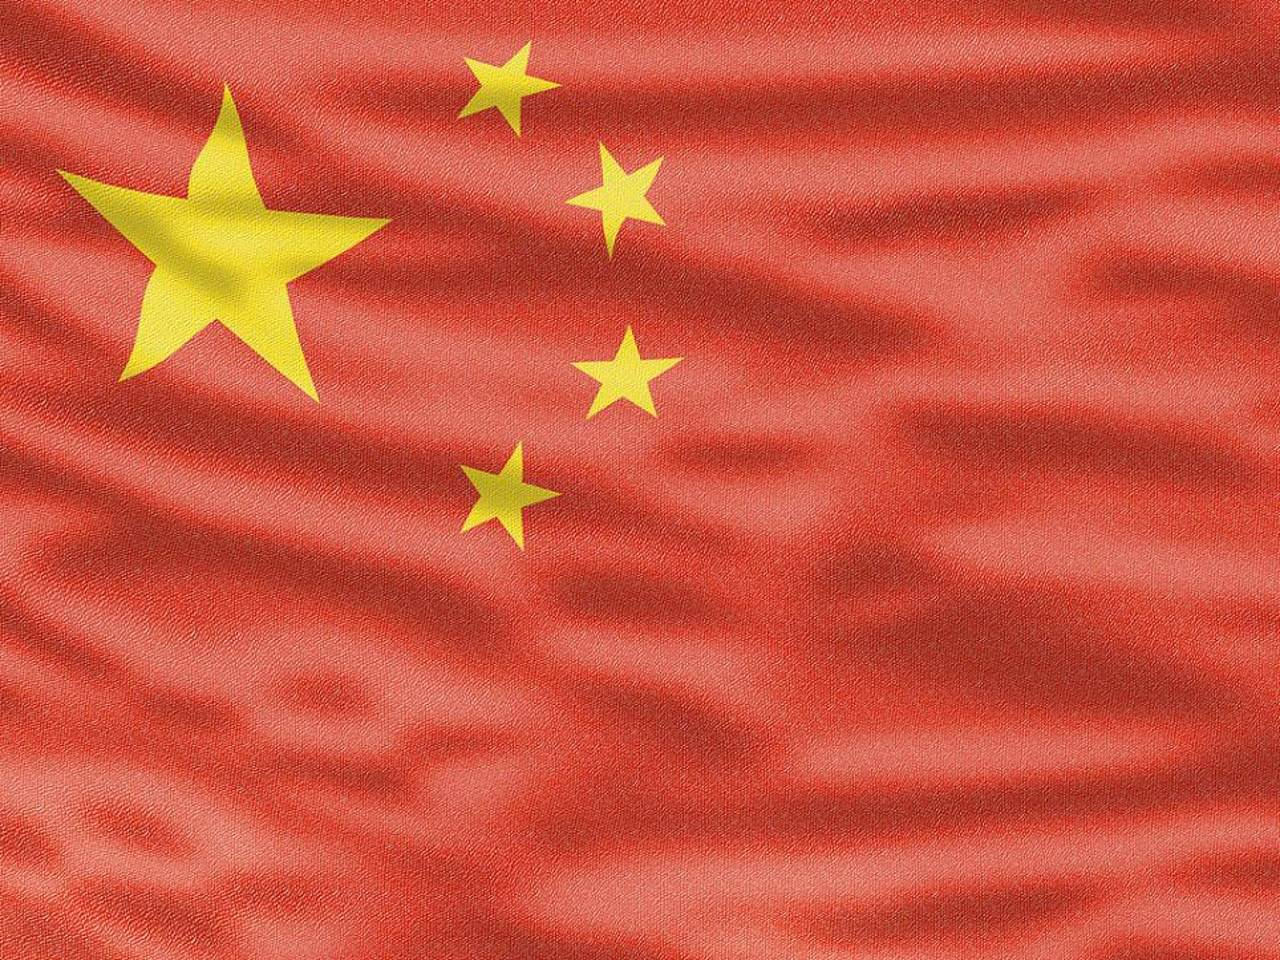 چین رسما آمریکا را تهدید کرد